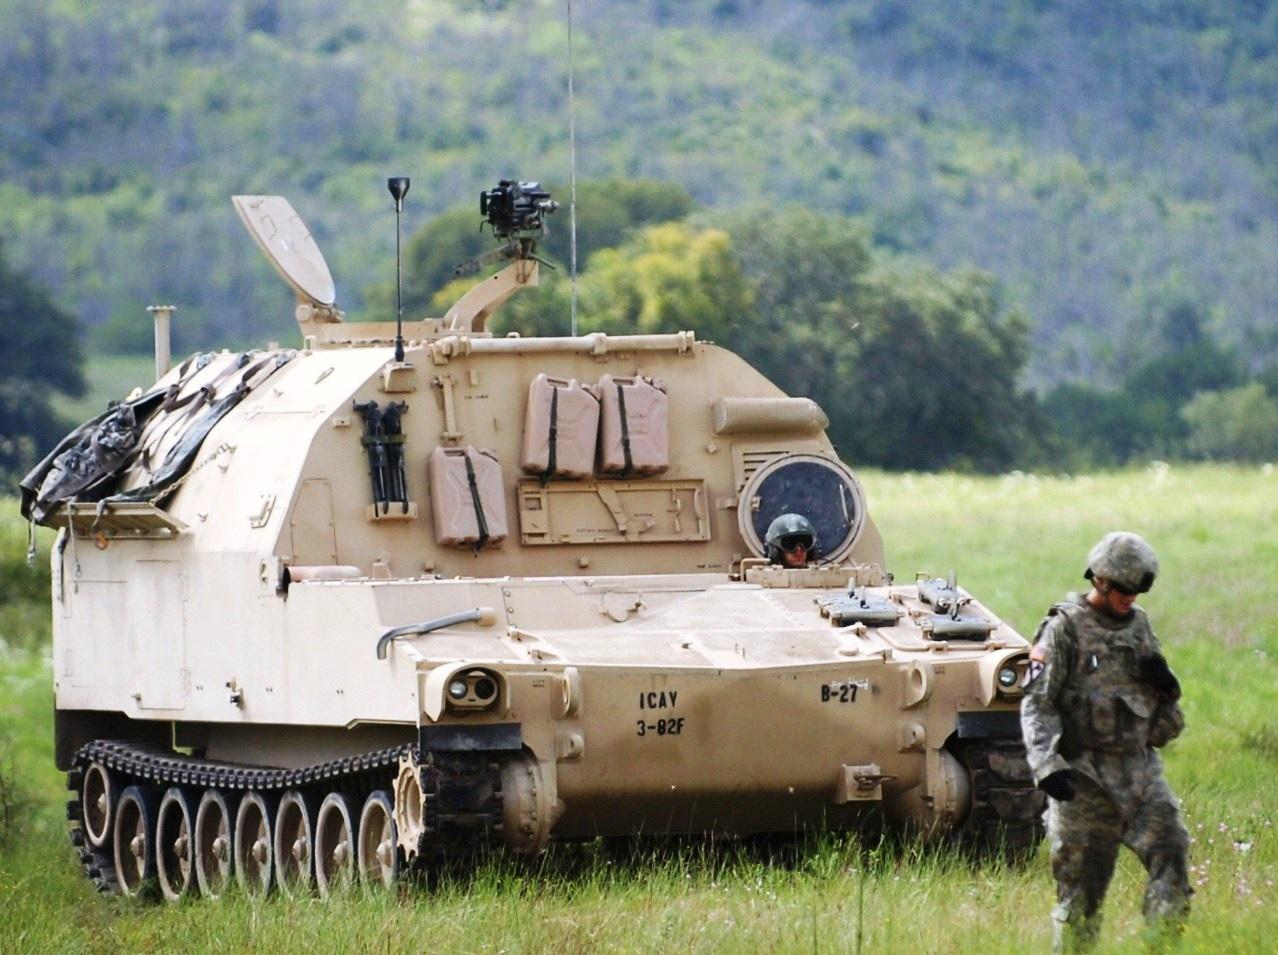 قوات التدخل السريع المصرية M992A2_FAASV